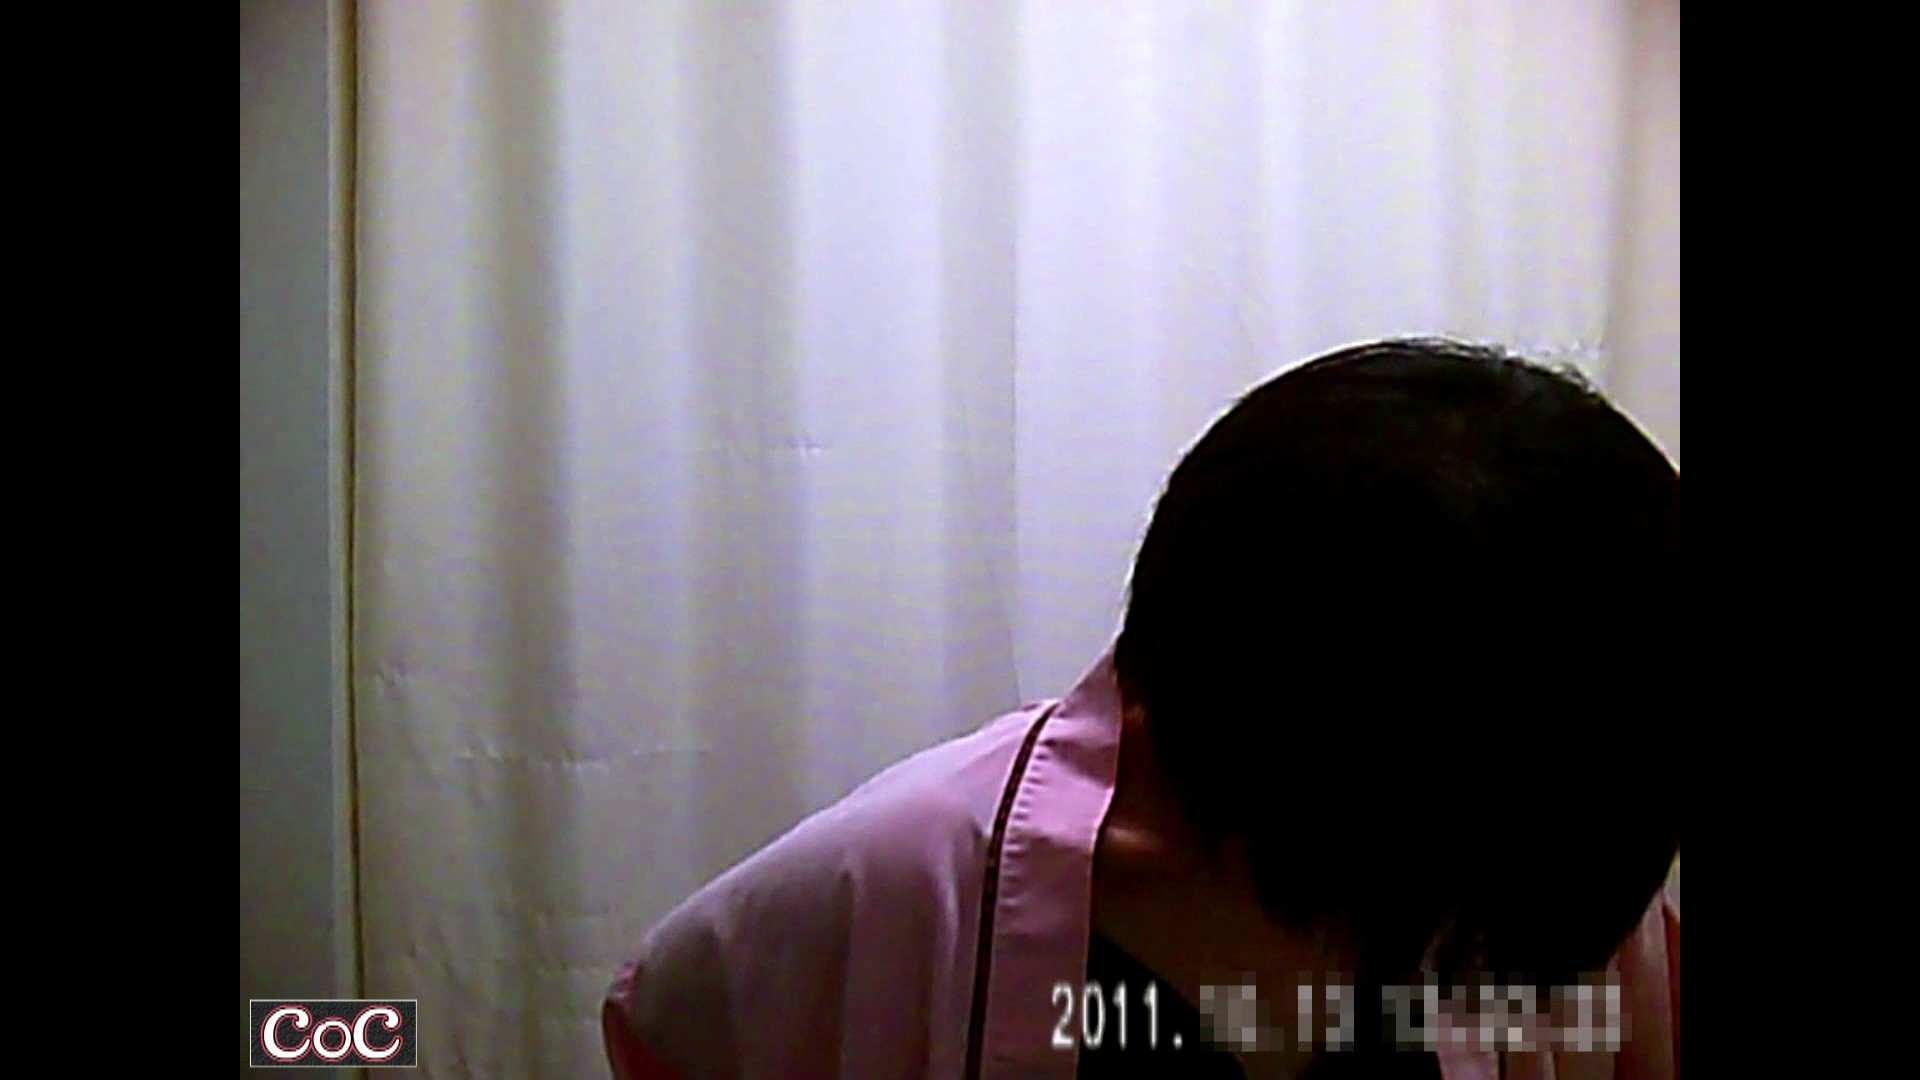 無料アダルト動画:元医者による反抗 更衣室地獄絵巻 vol.238:怪盗ジョーカー